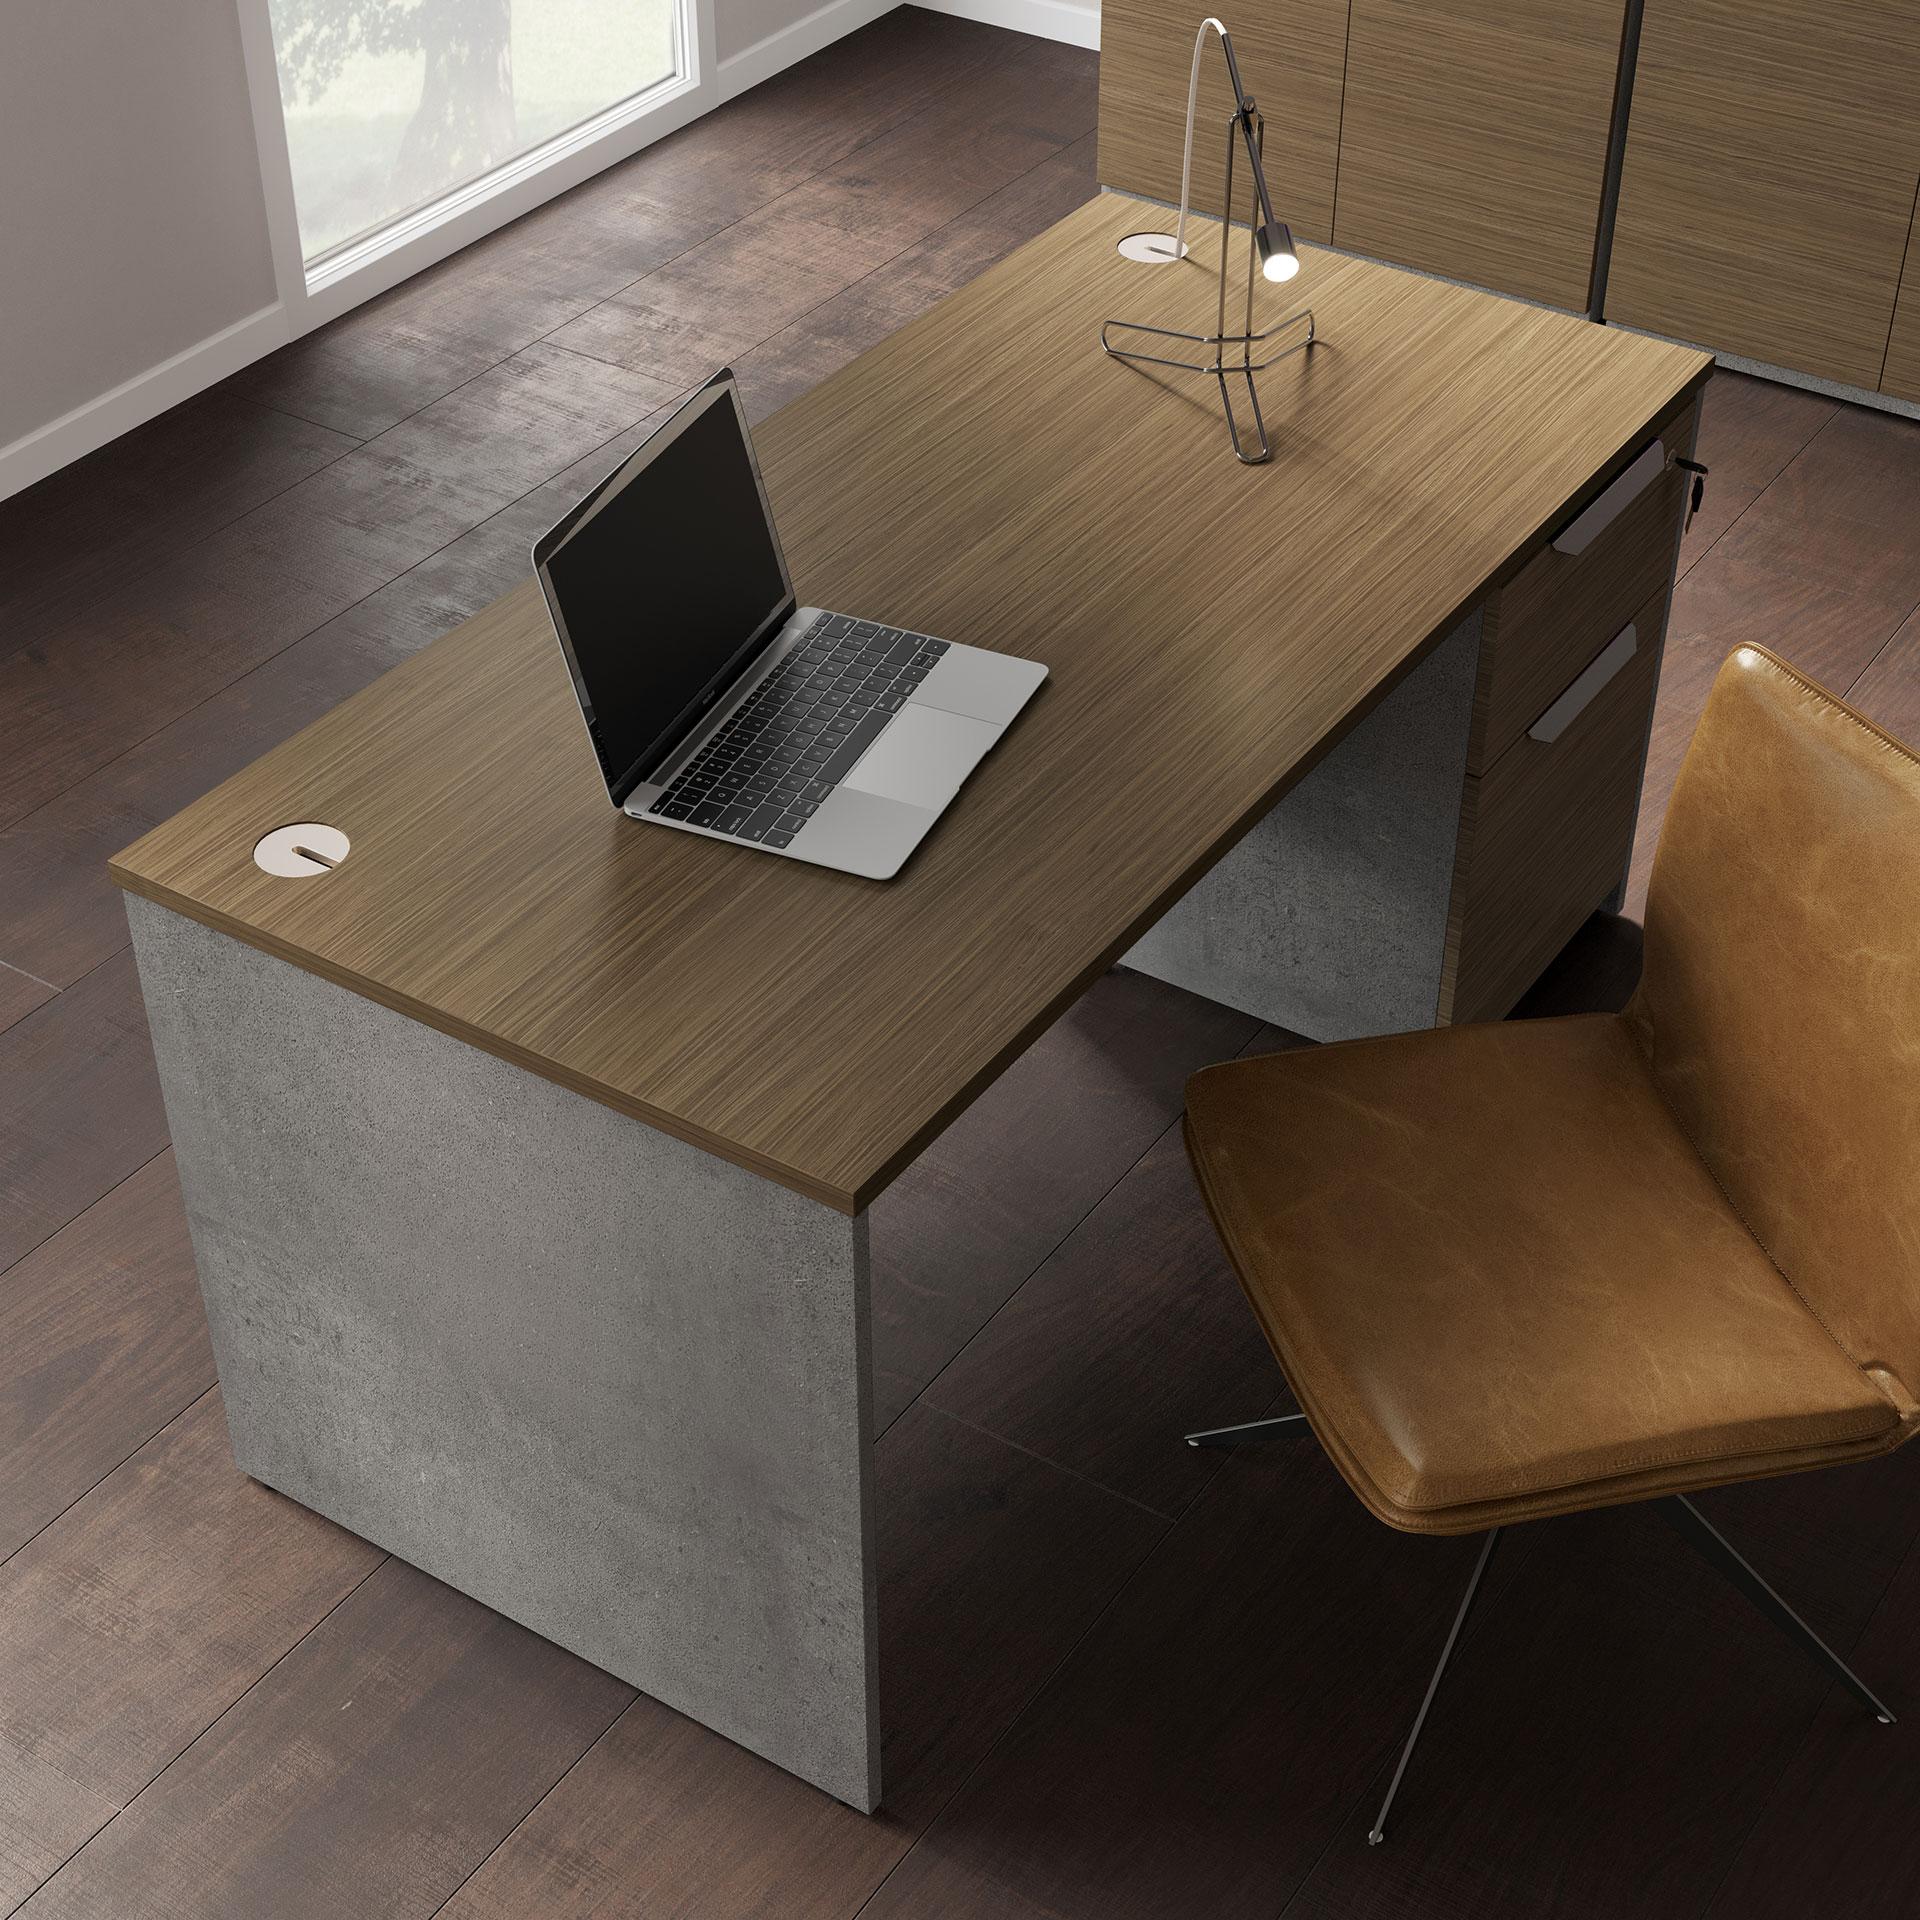 Broome Desk